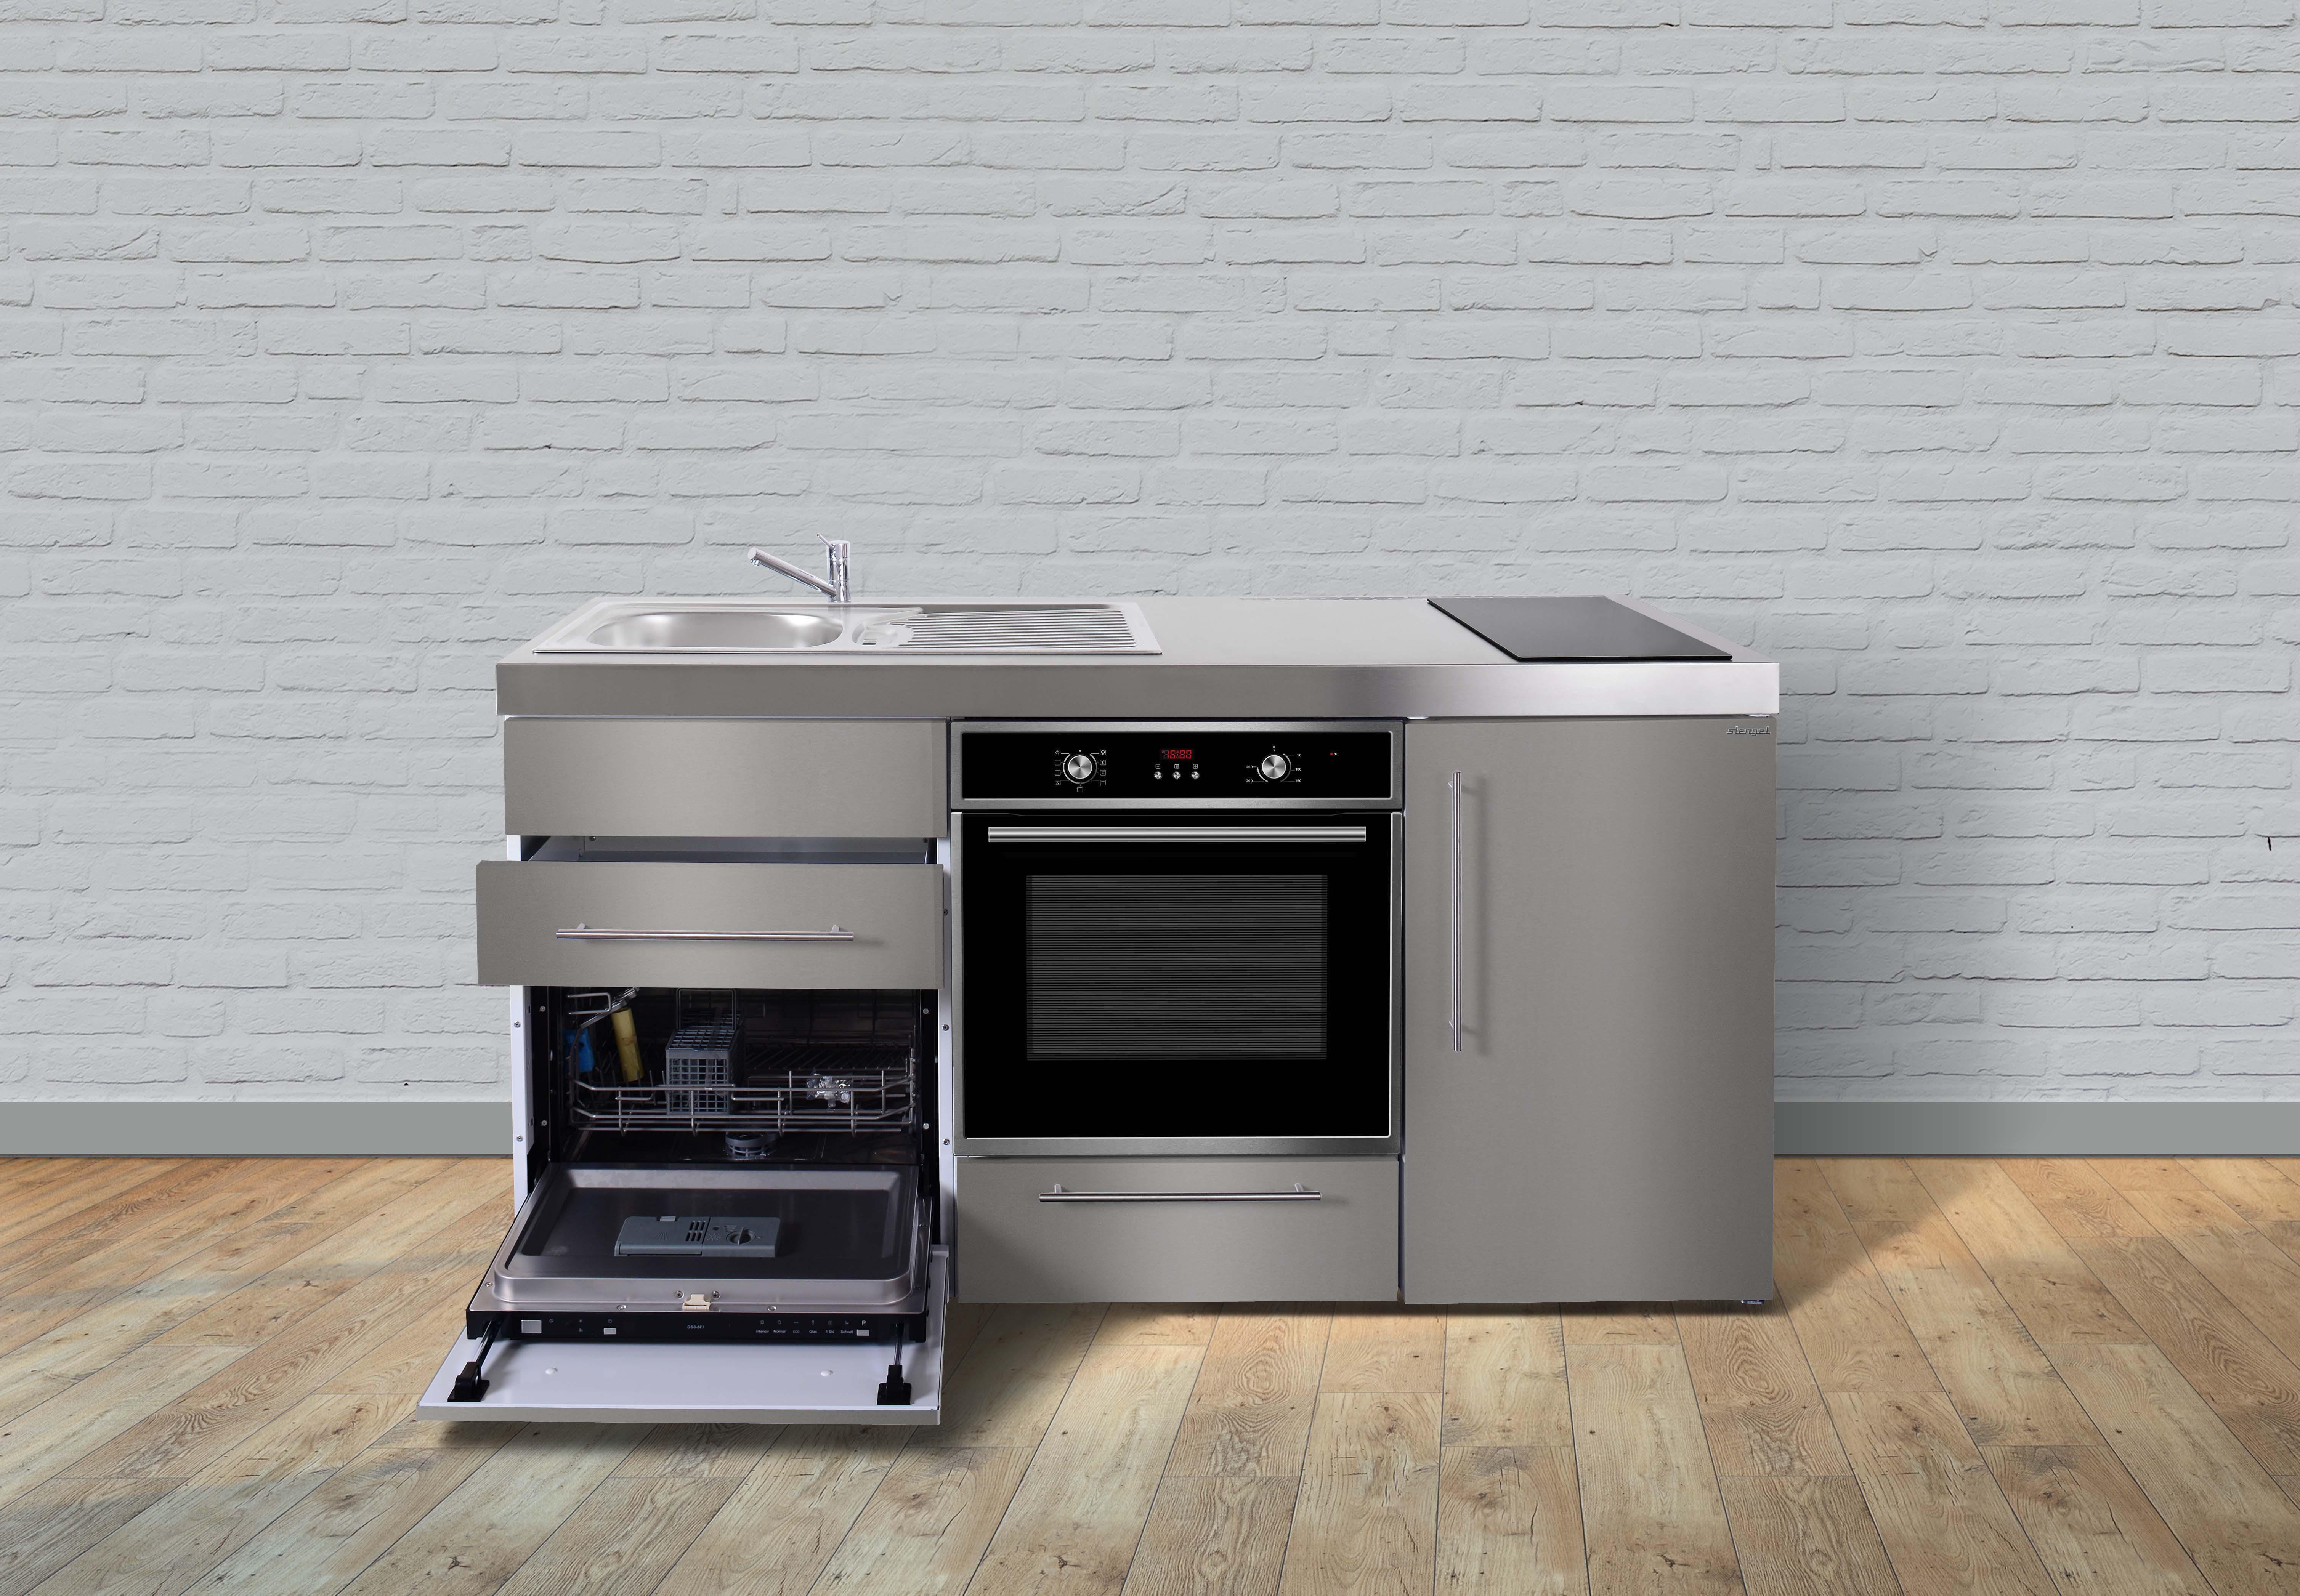 Miniküche Mit Kühlschrank Und Geschirrspüler : Stengel metall miniküche premiumline mpbgs kühlschrank